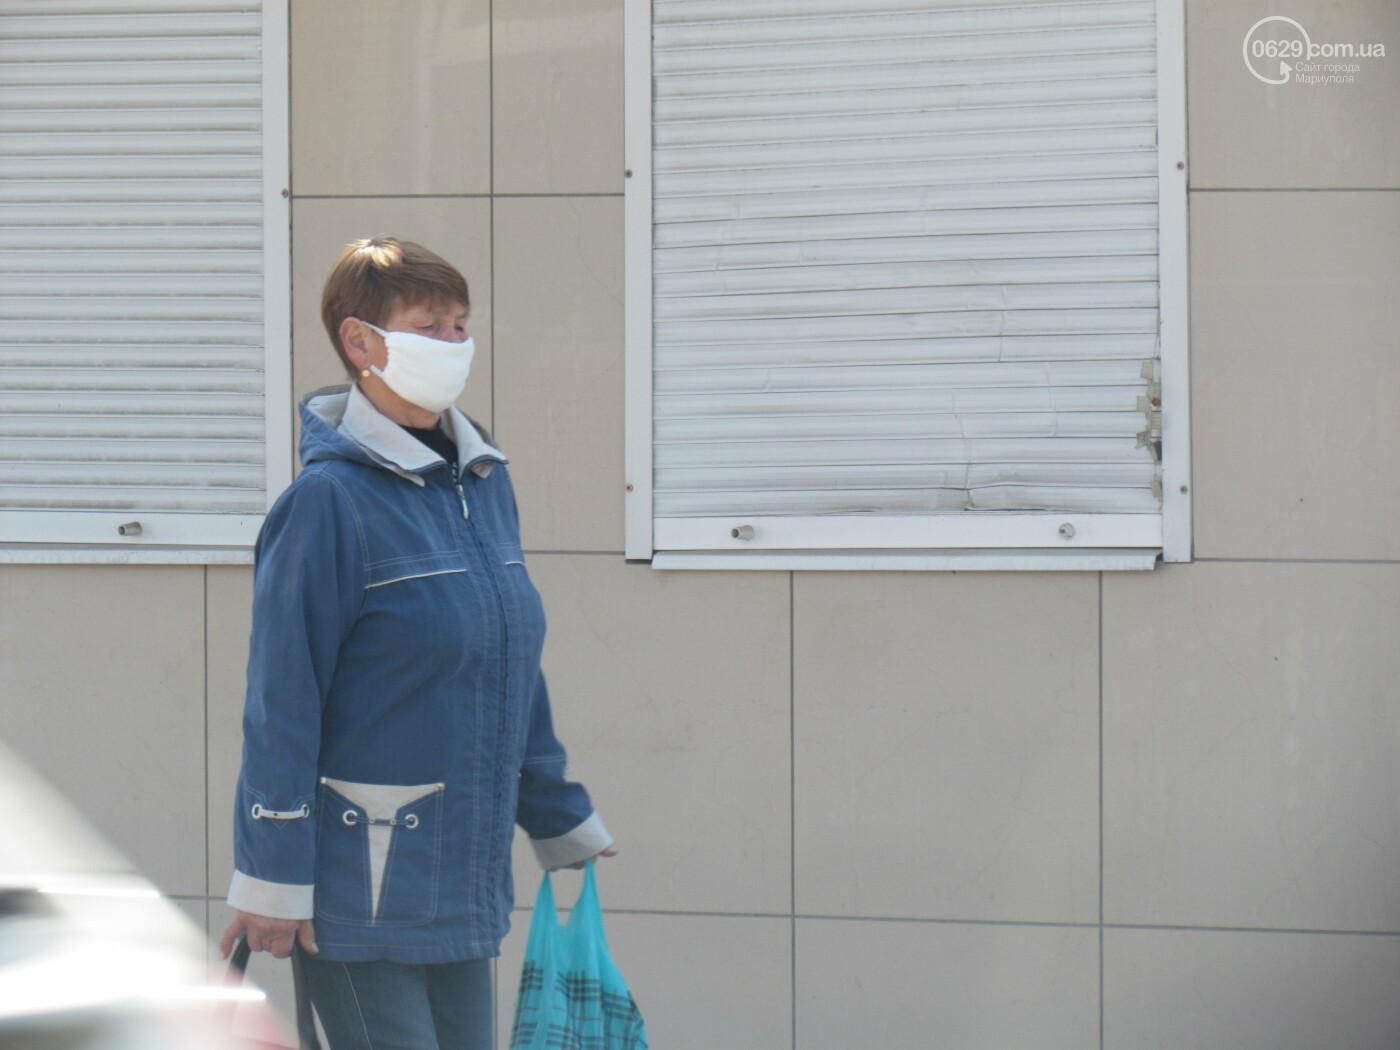 Сартана на карантине. Как живет поселок во время эпидемии, - ФОТОРЕПОРТАЖ, фото-1